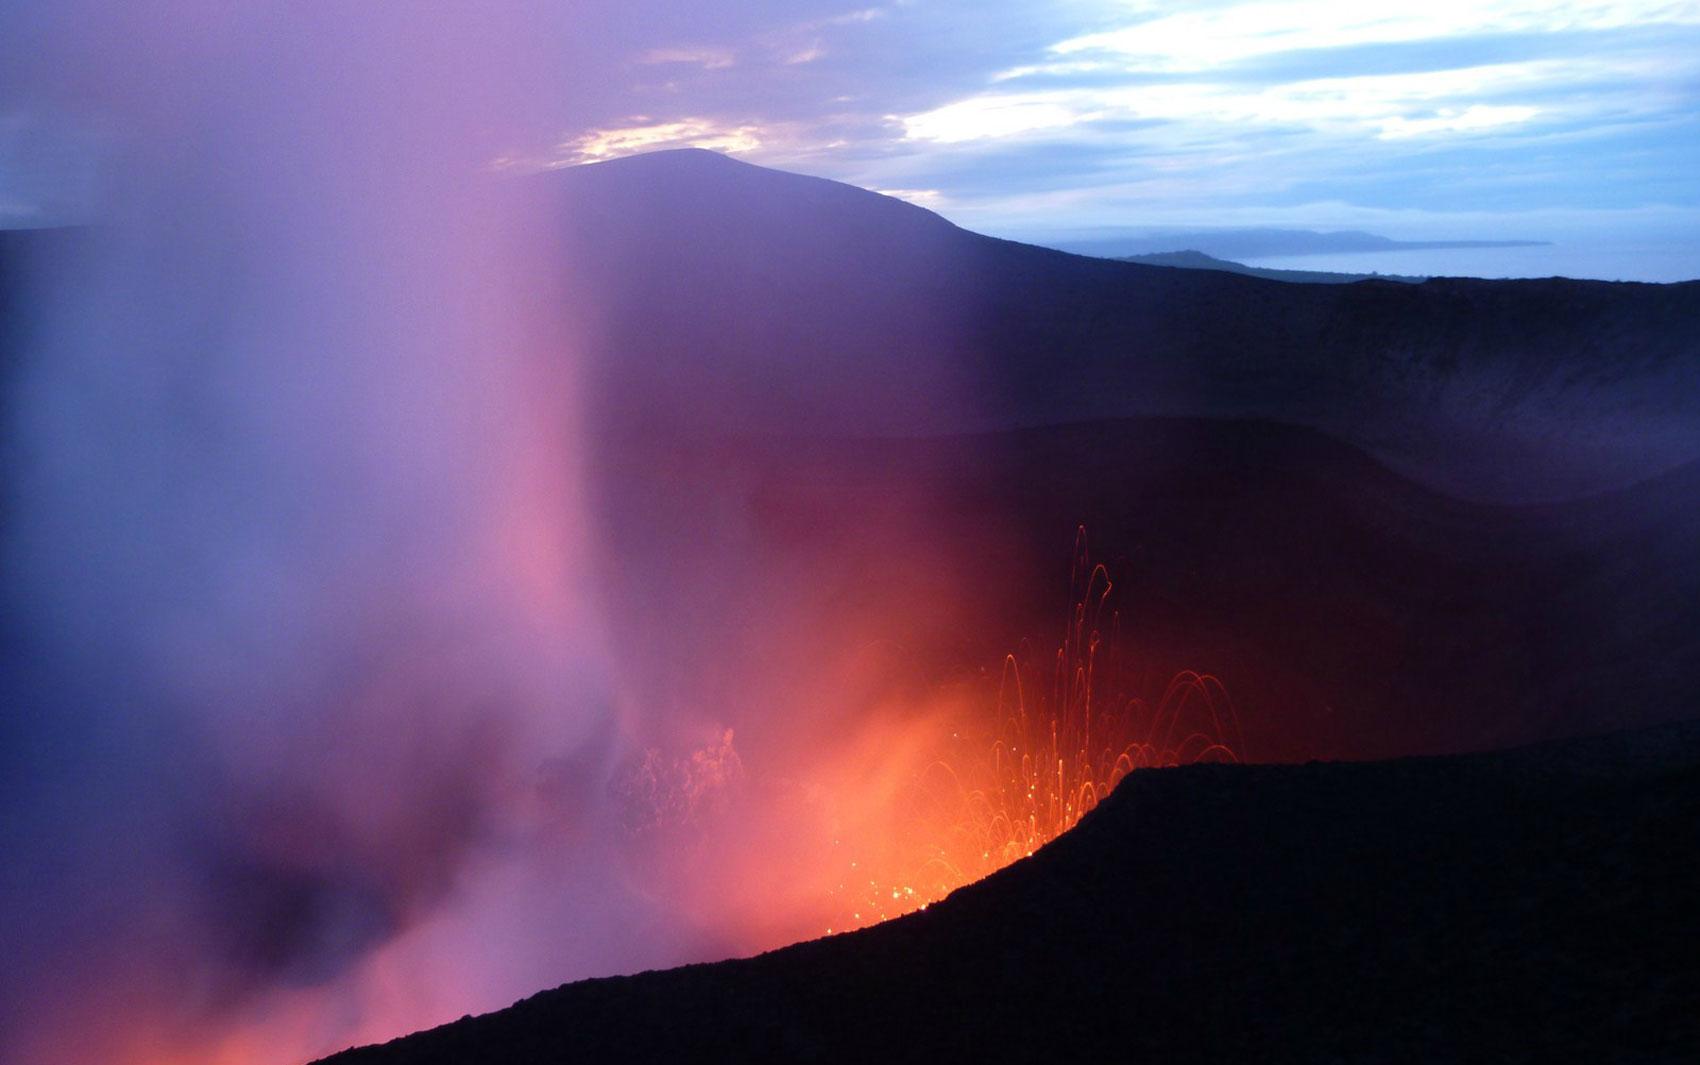 Vulcões, ativos ou não, são pontos turísticos em vários lugares do mundo. O site de viagens Tripadvisor fez uma lista com os 10 vulcões mais bem avaliados pelos usuários. O Monte Yasur, em Tanna Island, ficou em 1° lugar